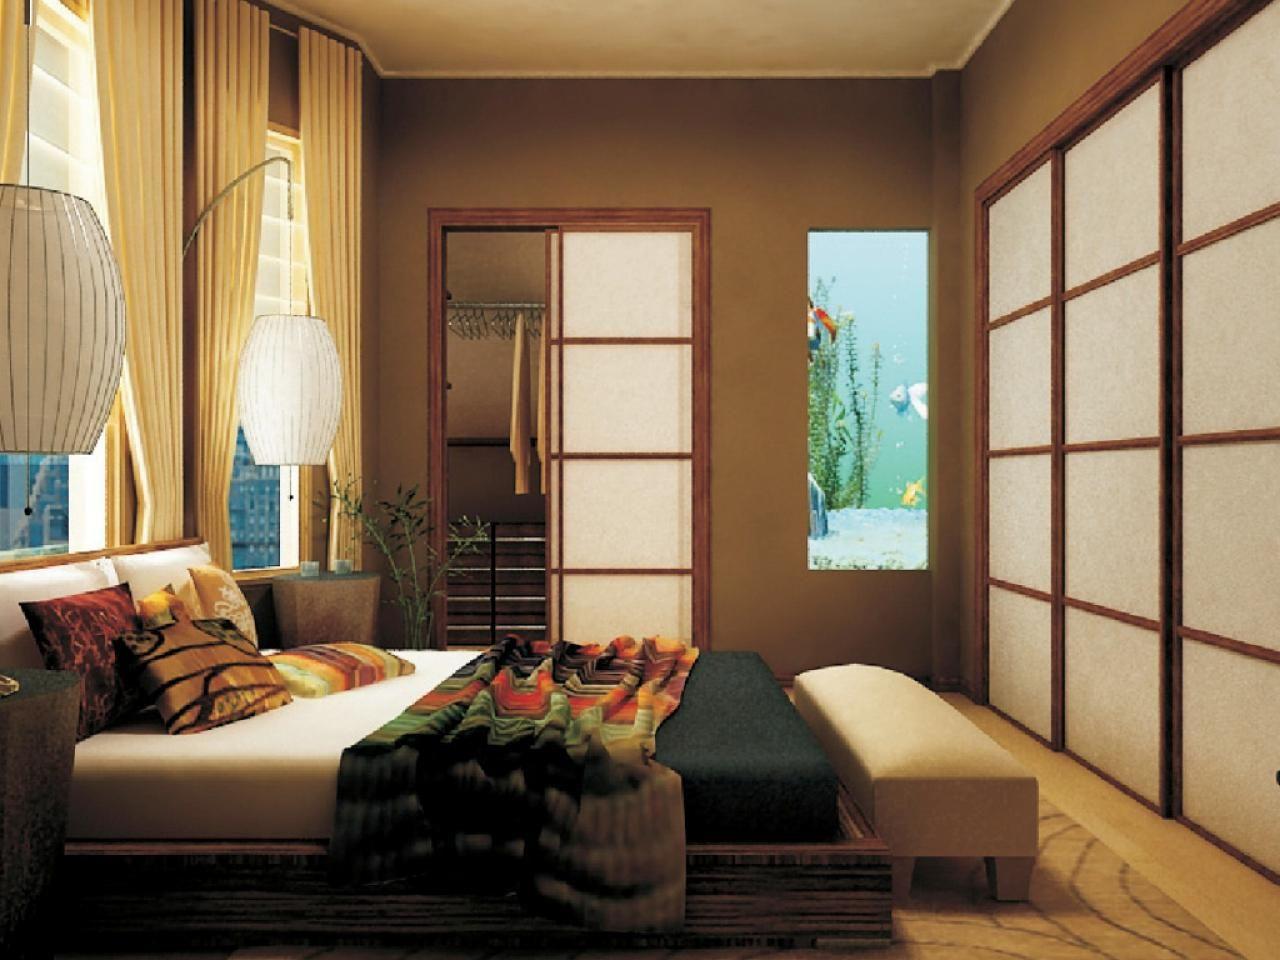 Schlafzimmer Asiatisch Eigenschaften - Wohndesign -